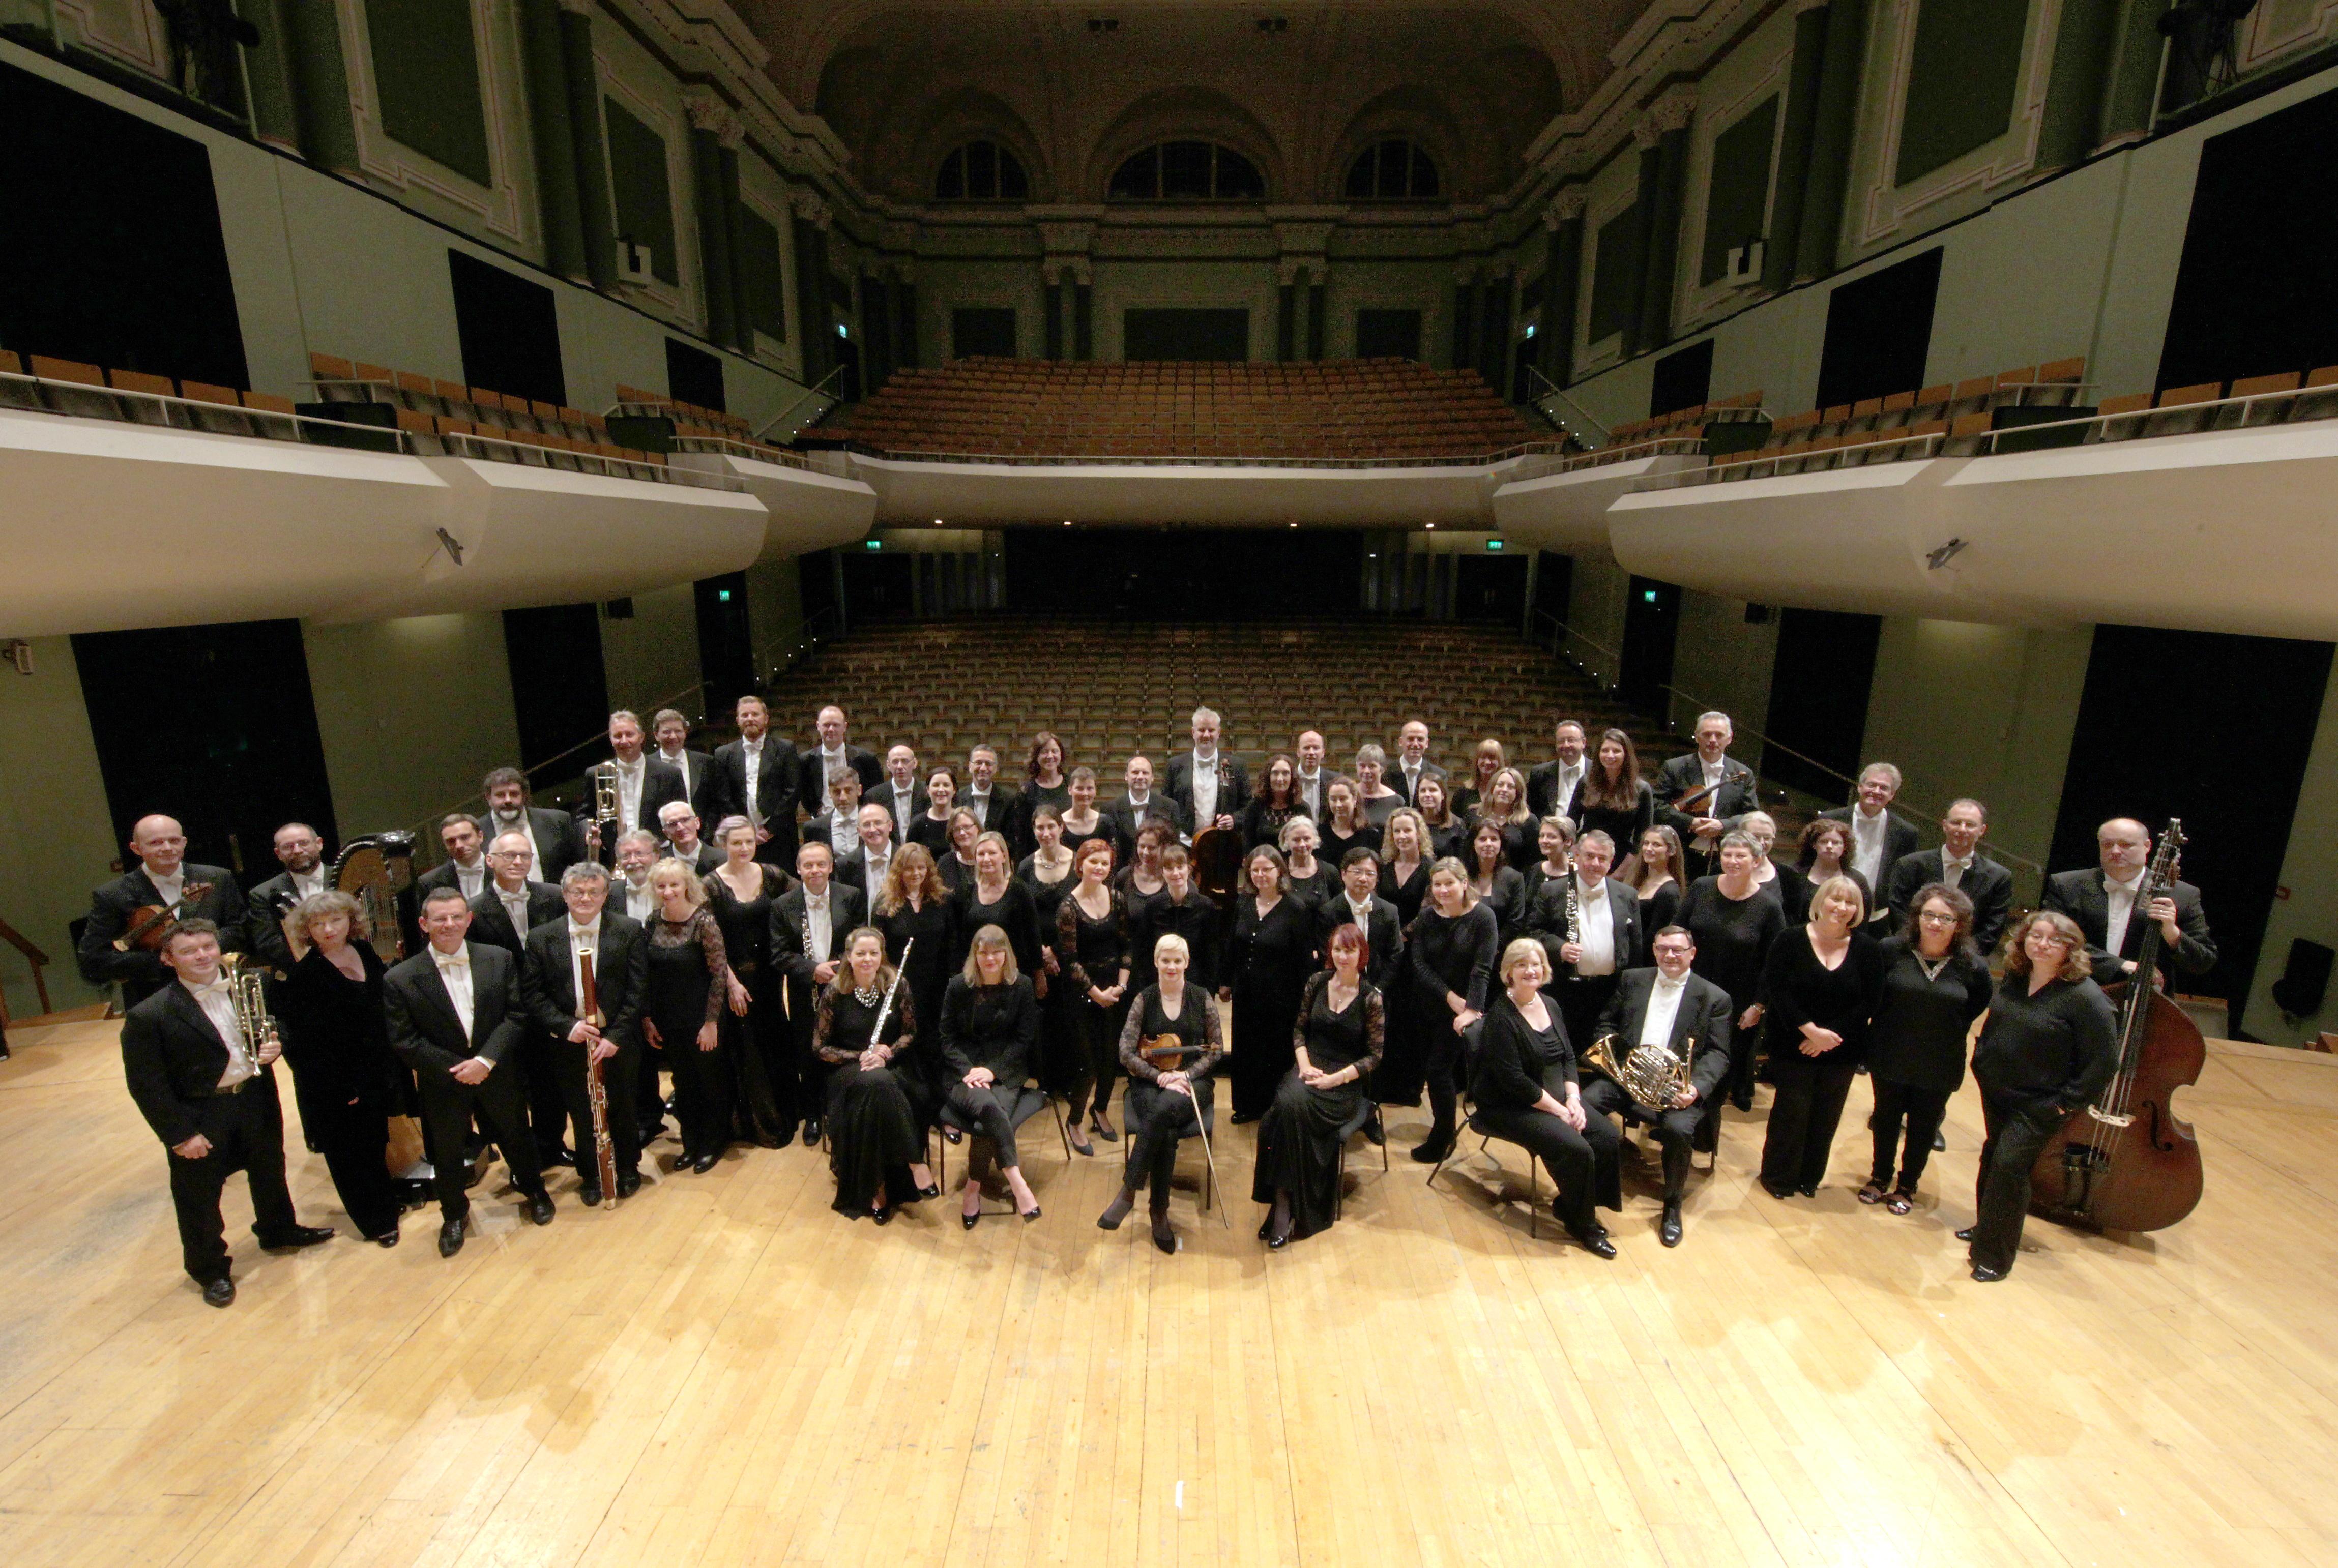 Concierto con la RTÉ Sinfónica Nacional de Irlanda en Dublín